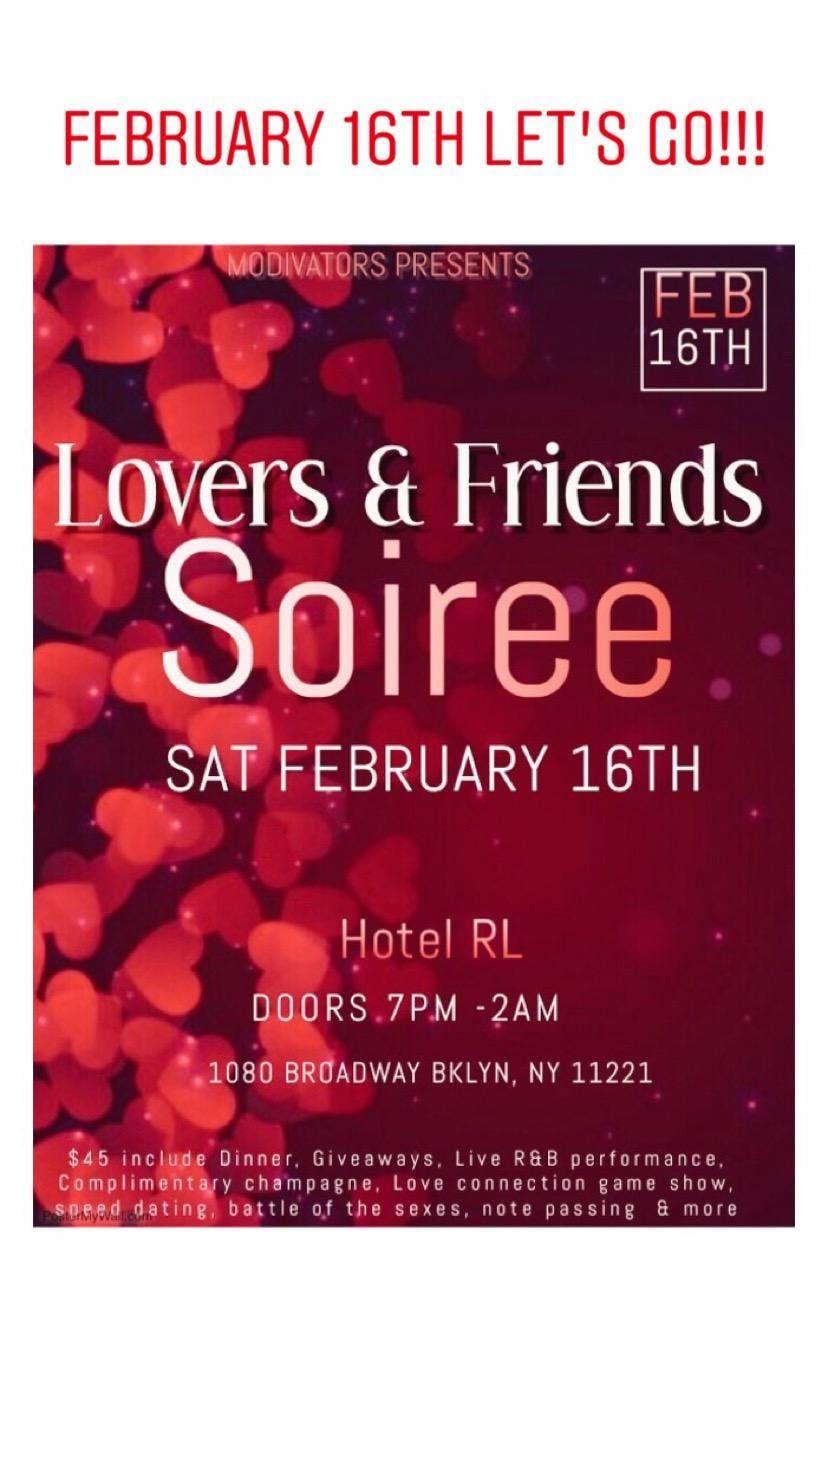 Lovers & Friends Soire